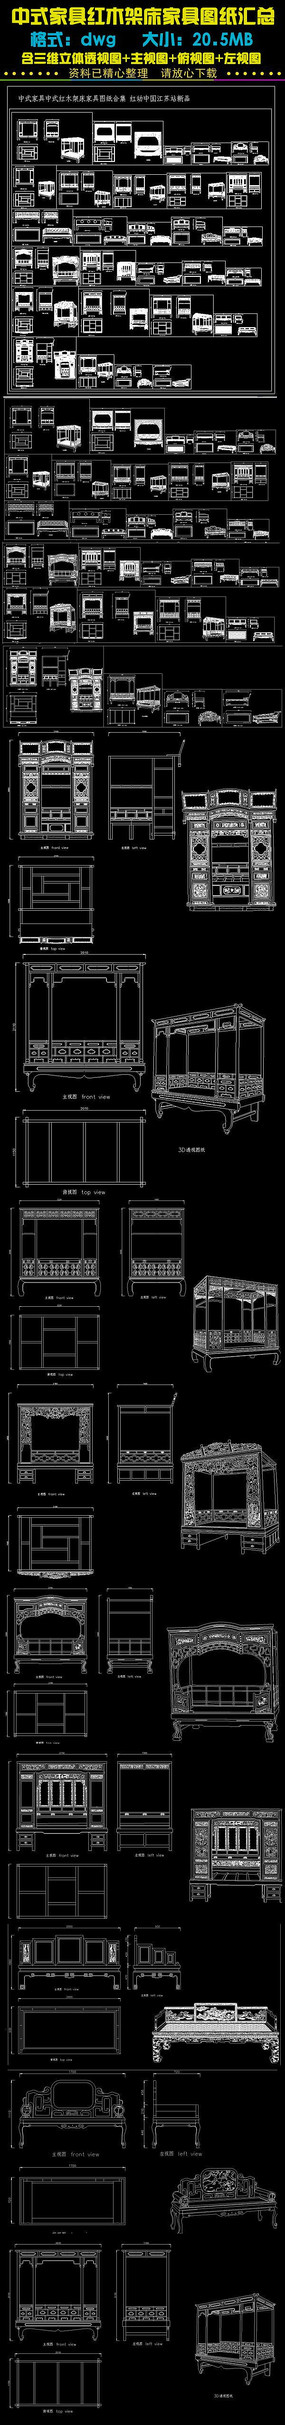 中式家具CAD图集红木架床